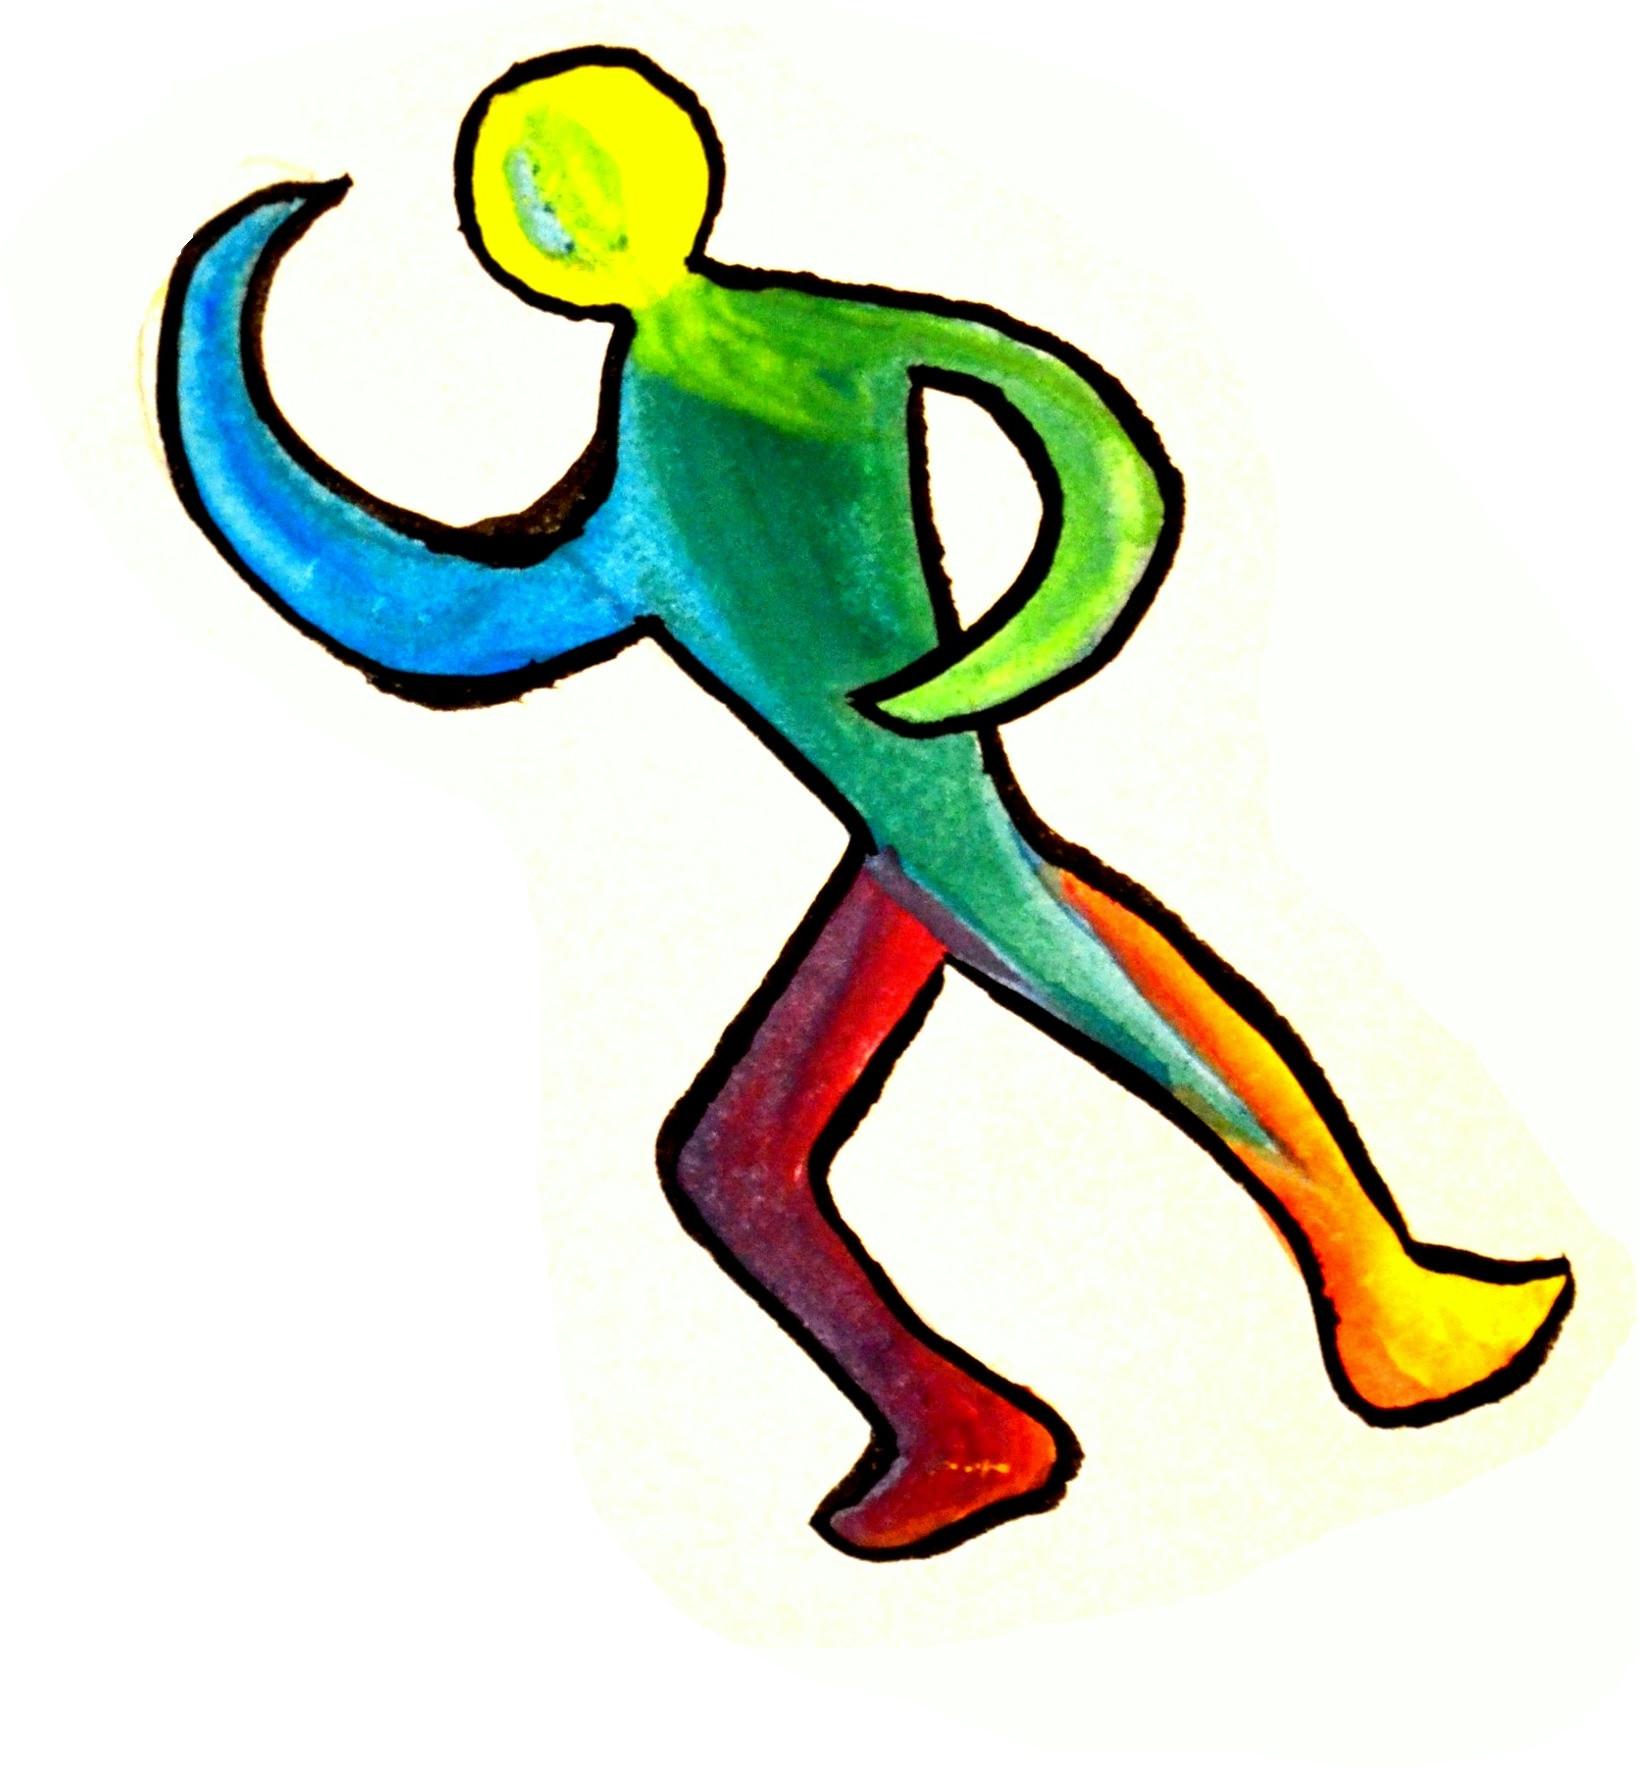 Danse : Plaisir de bouger